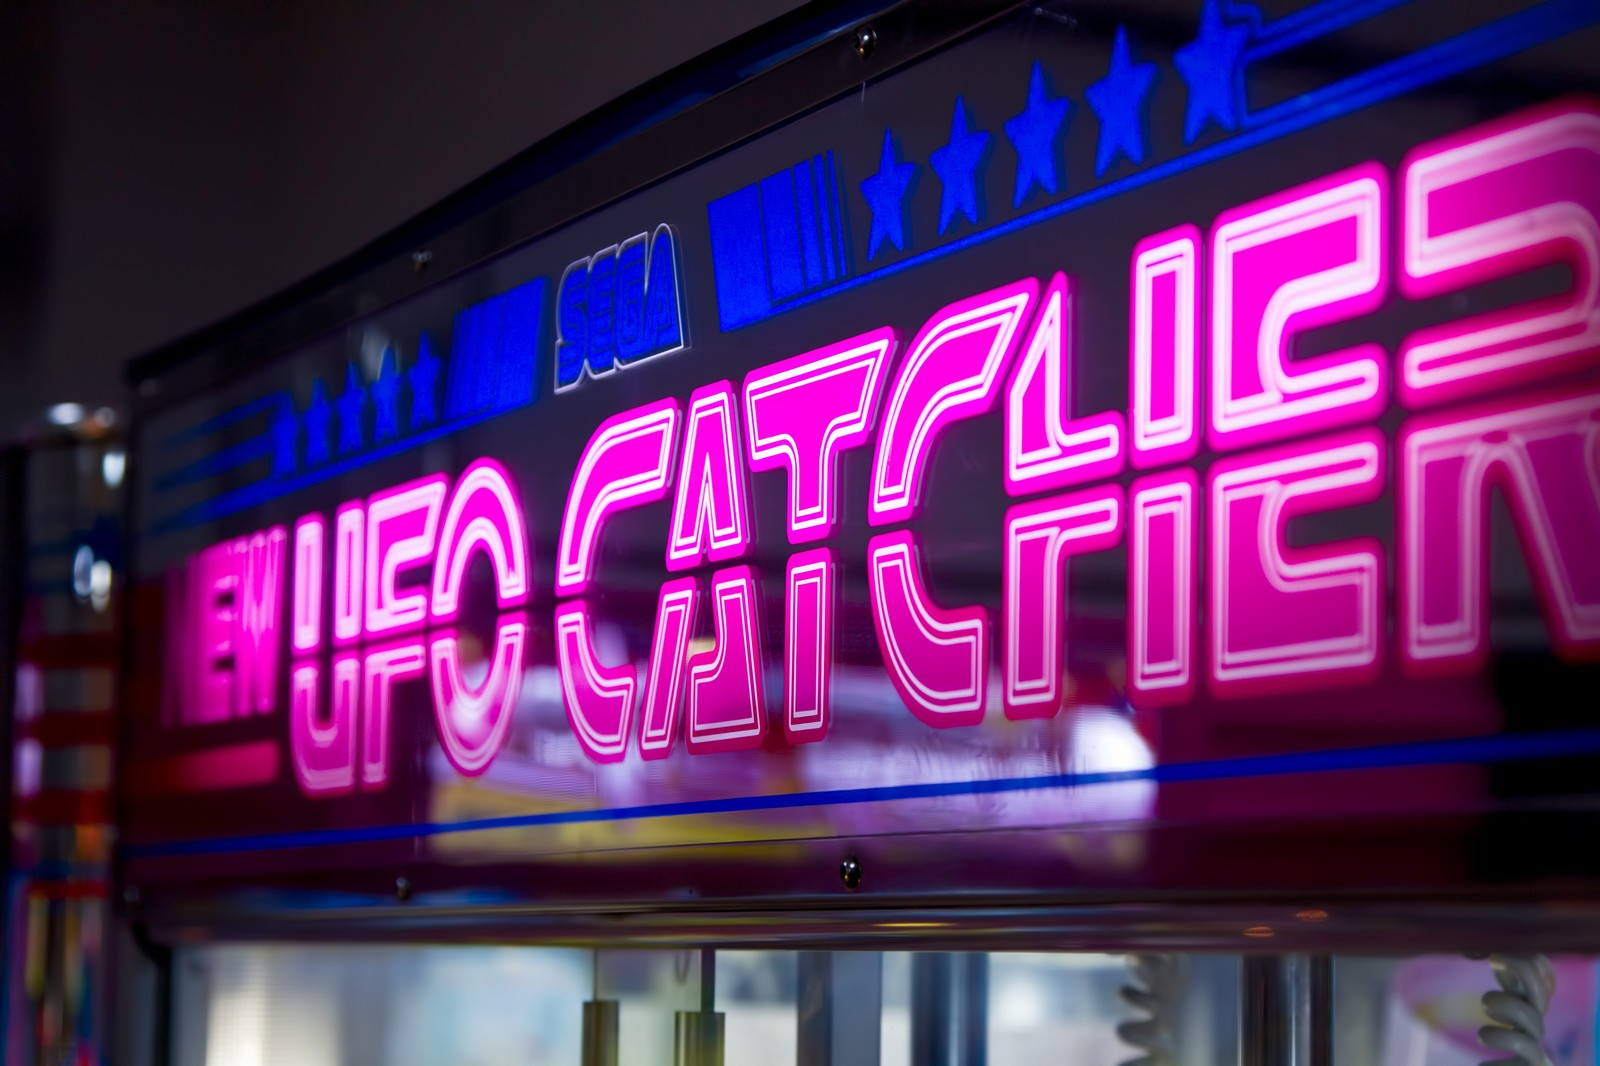 「古いゲームセンターのUFOキャッチャー」の写真